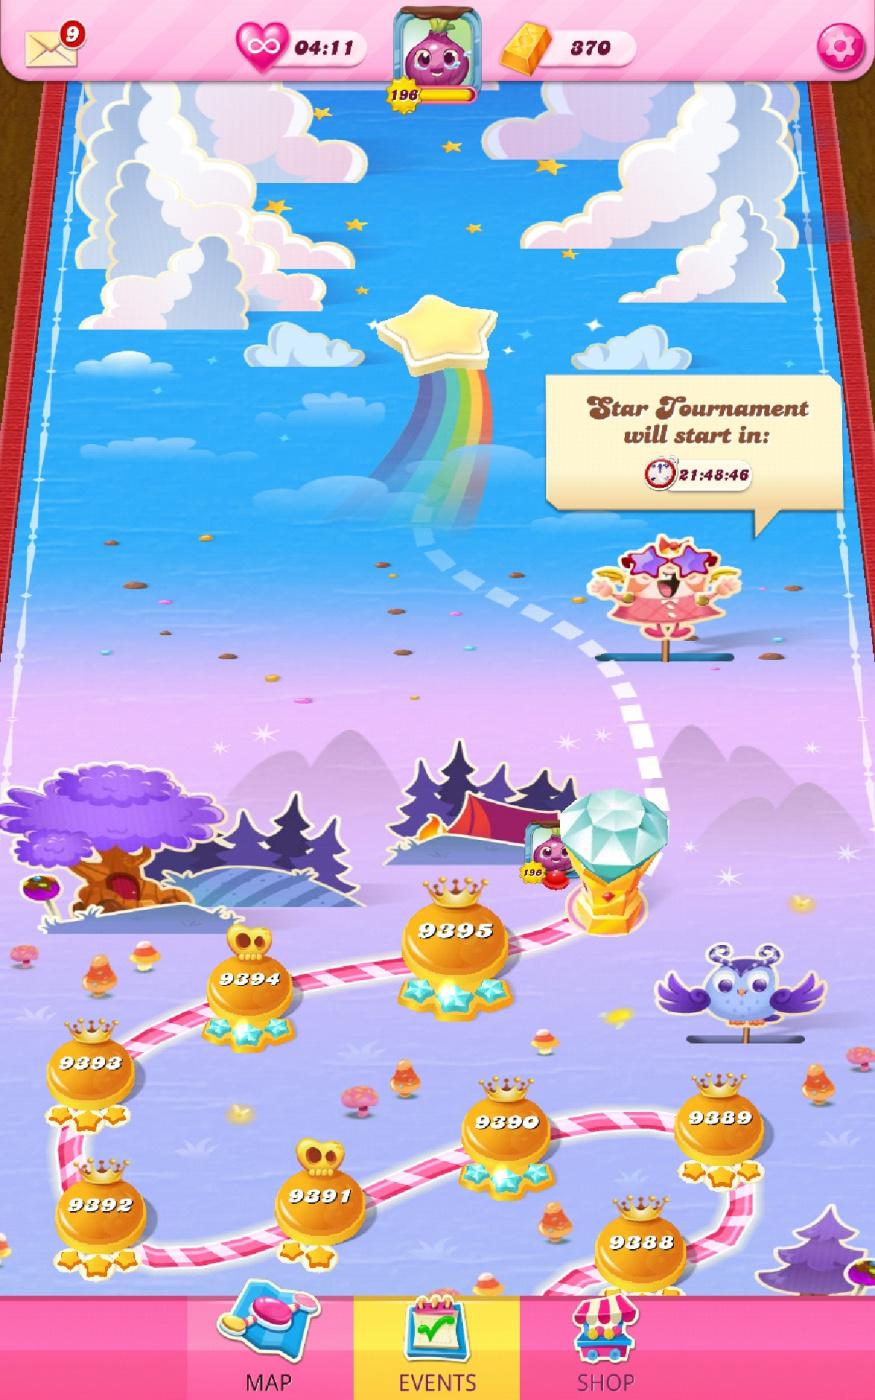 Screenshot_20210518-081156_Candy Crush Saga.jpg